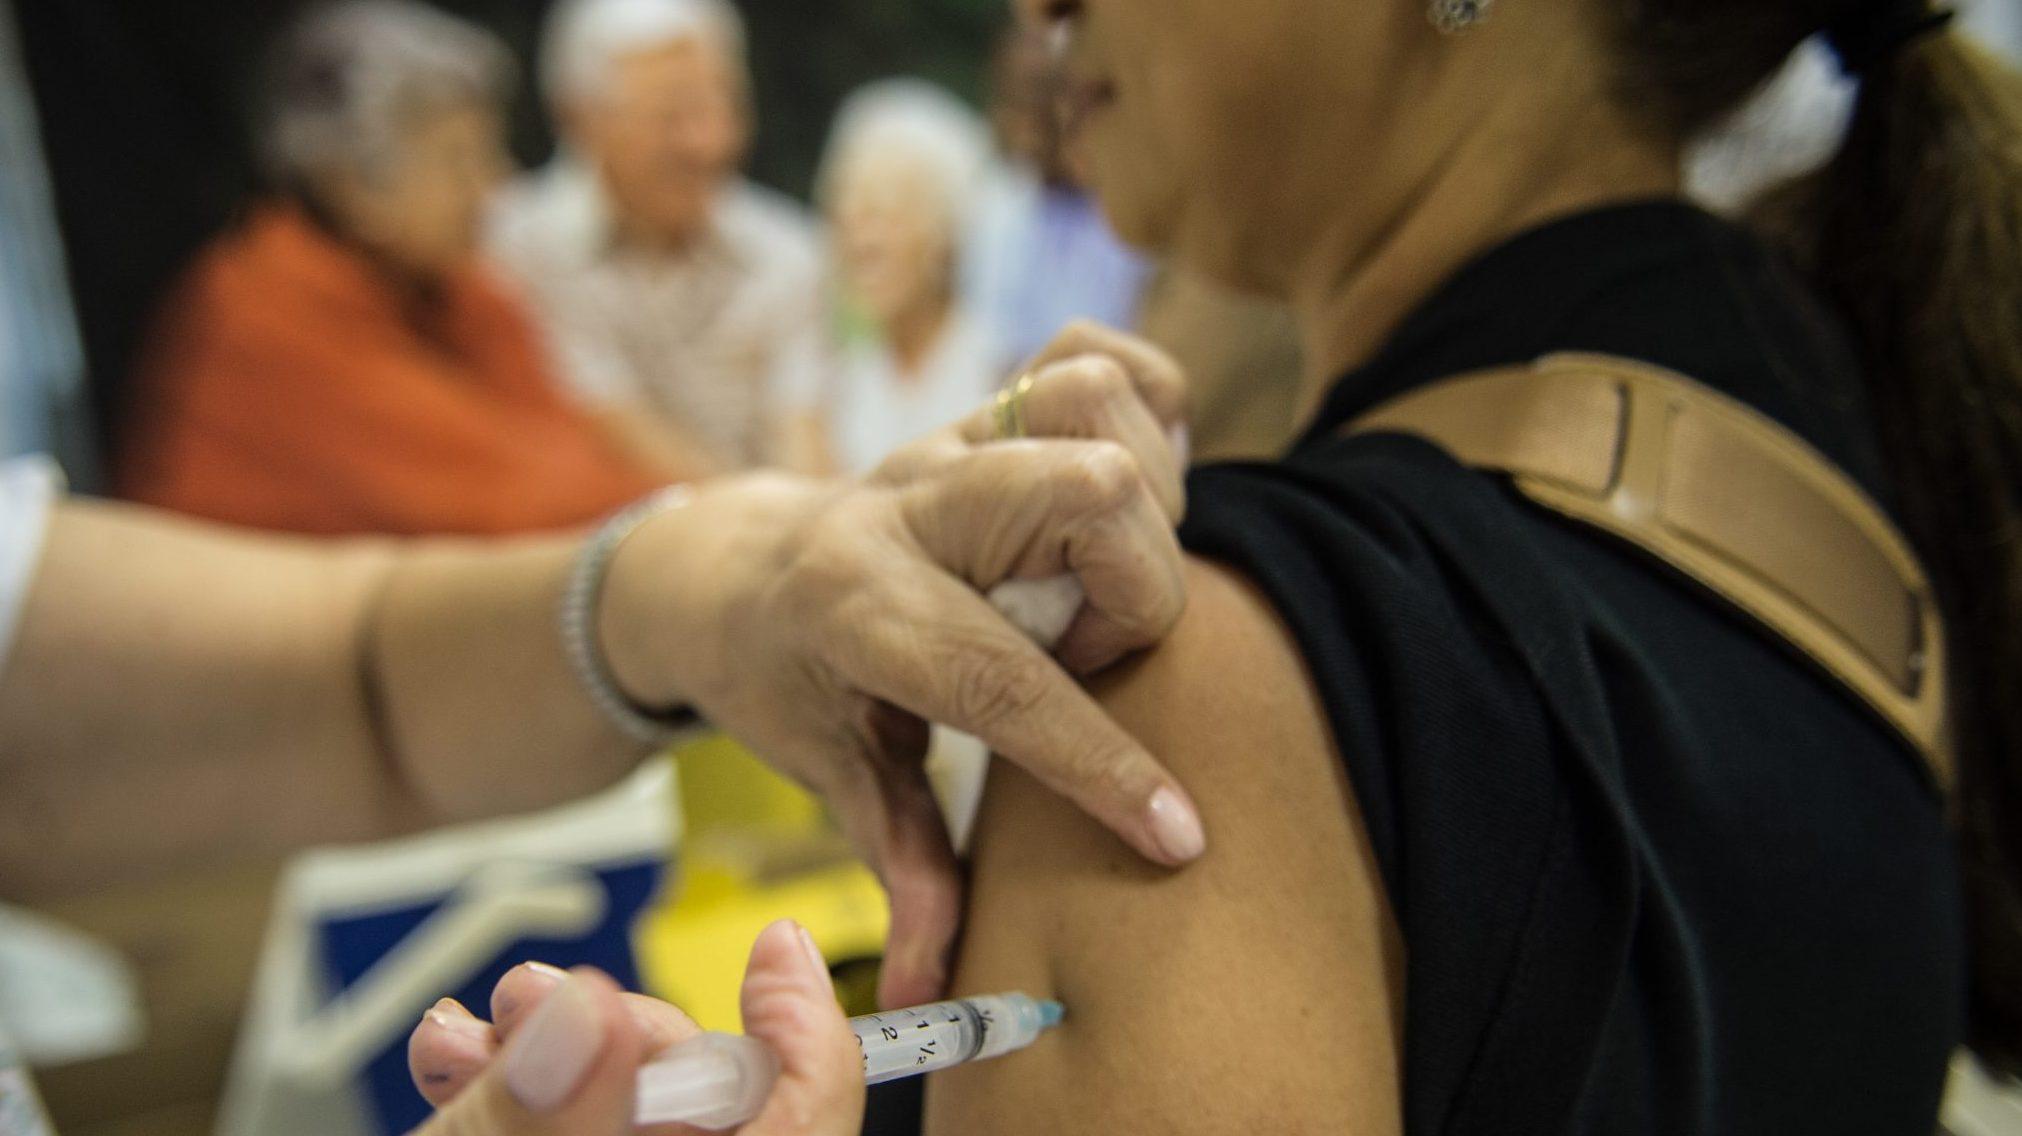 IMAGEM: Ministério da Saúde determina intervalo de 14 dias entre vacinações contra gripe e Covid-19